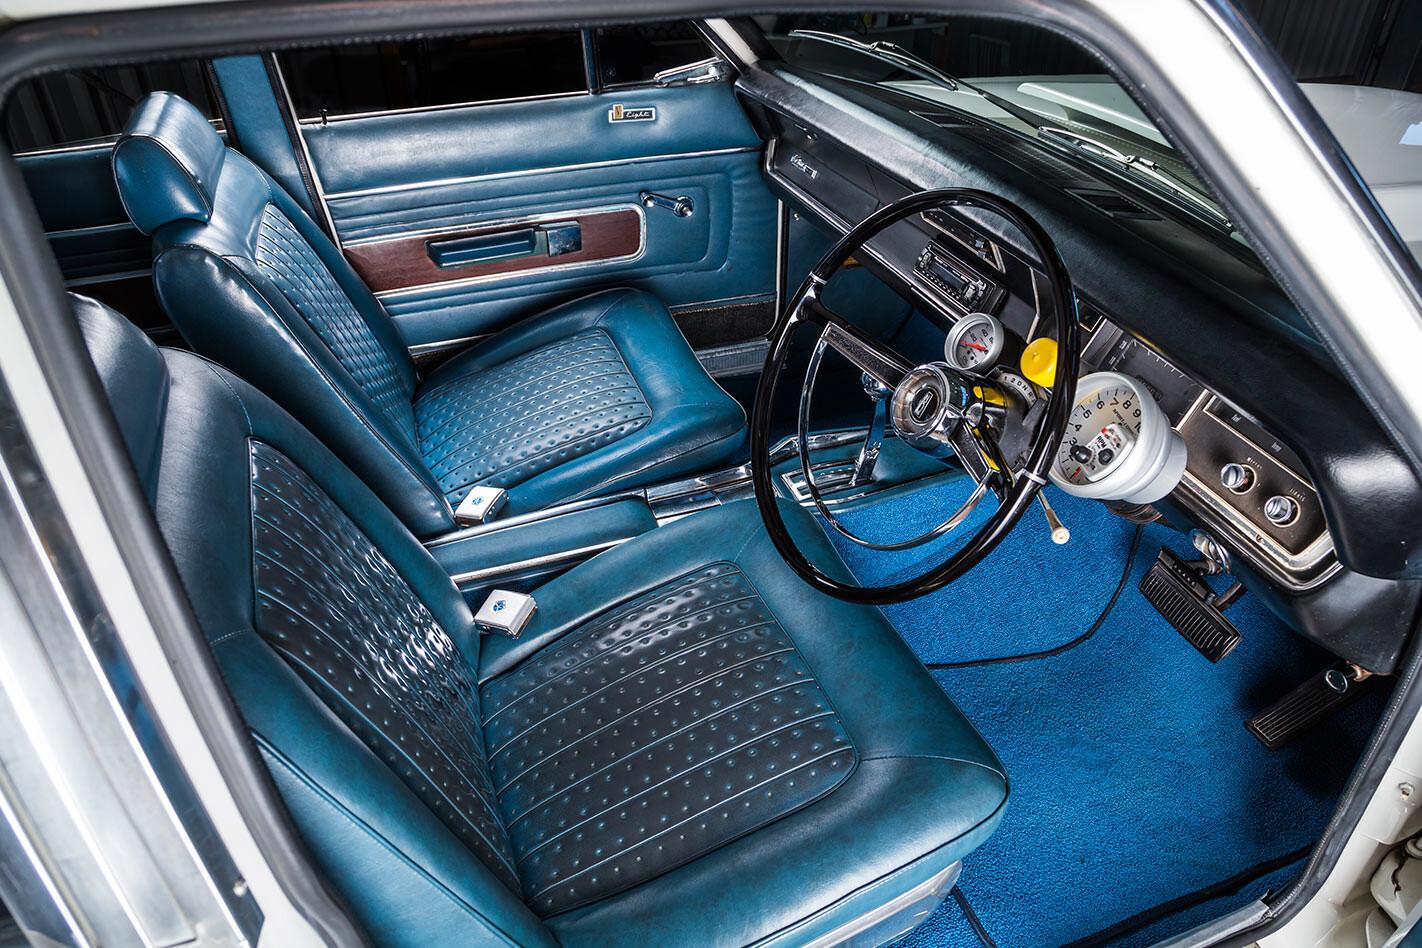 Chrysler VIP Valiant interior front